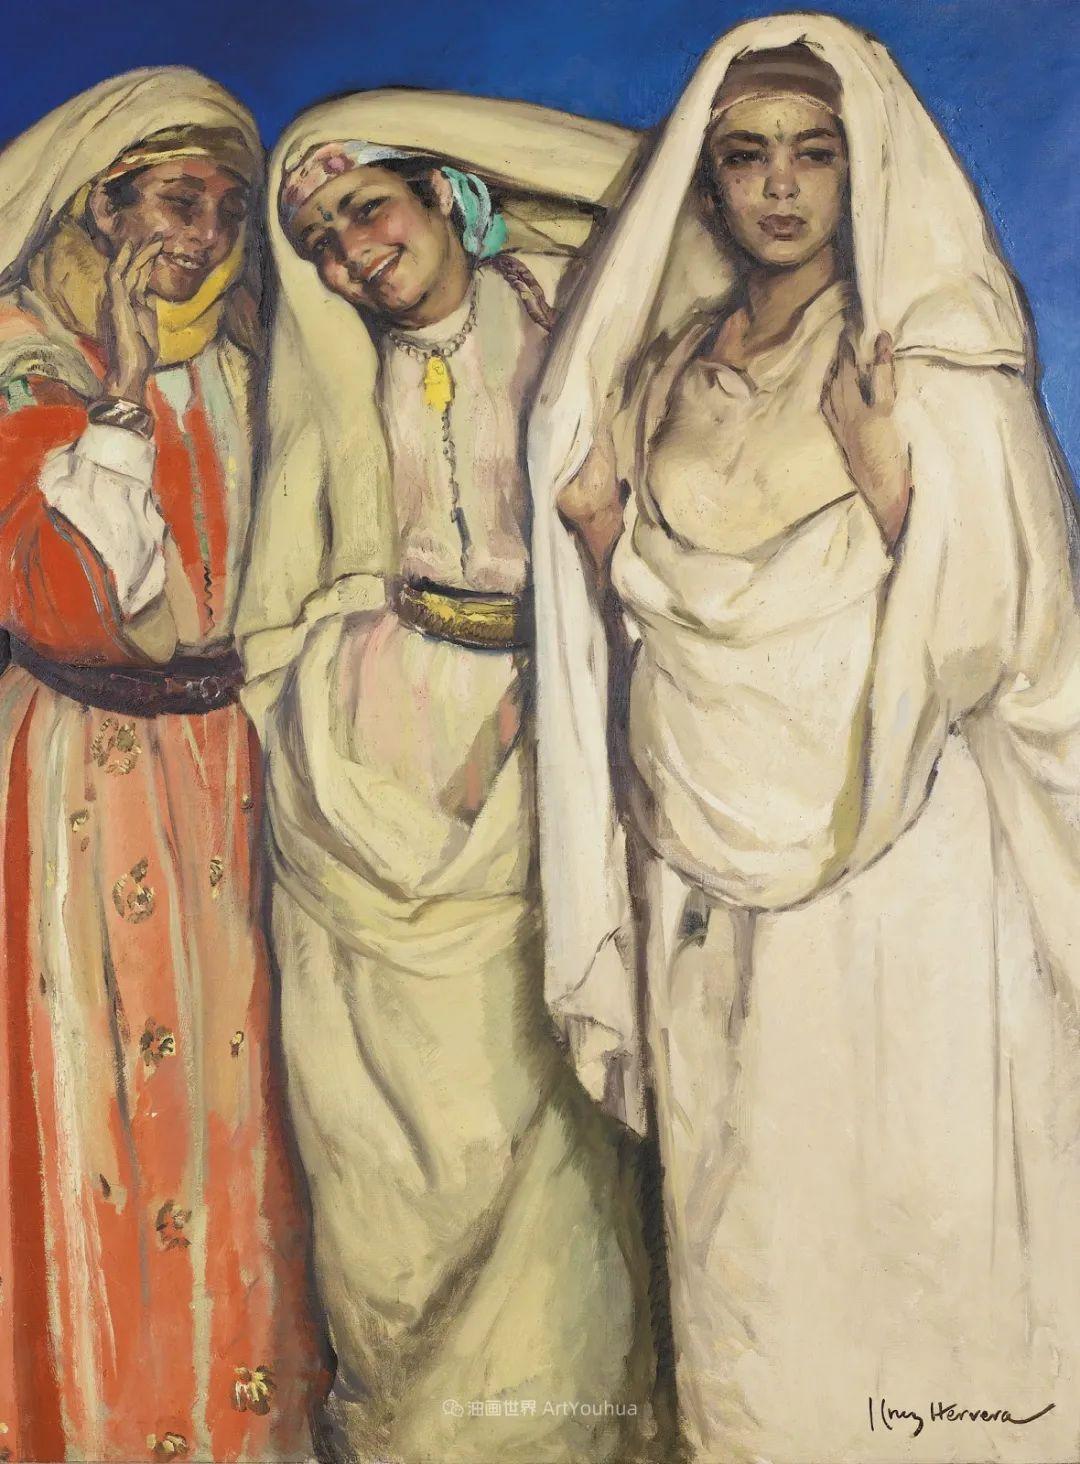 西班牙画家何塞·克鲁斯·埃雷拉人物作品欣赏插图37